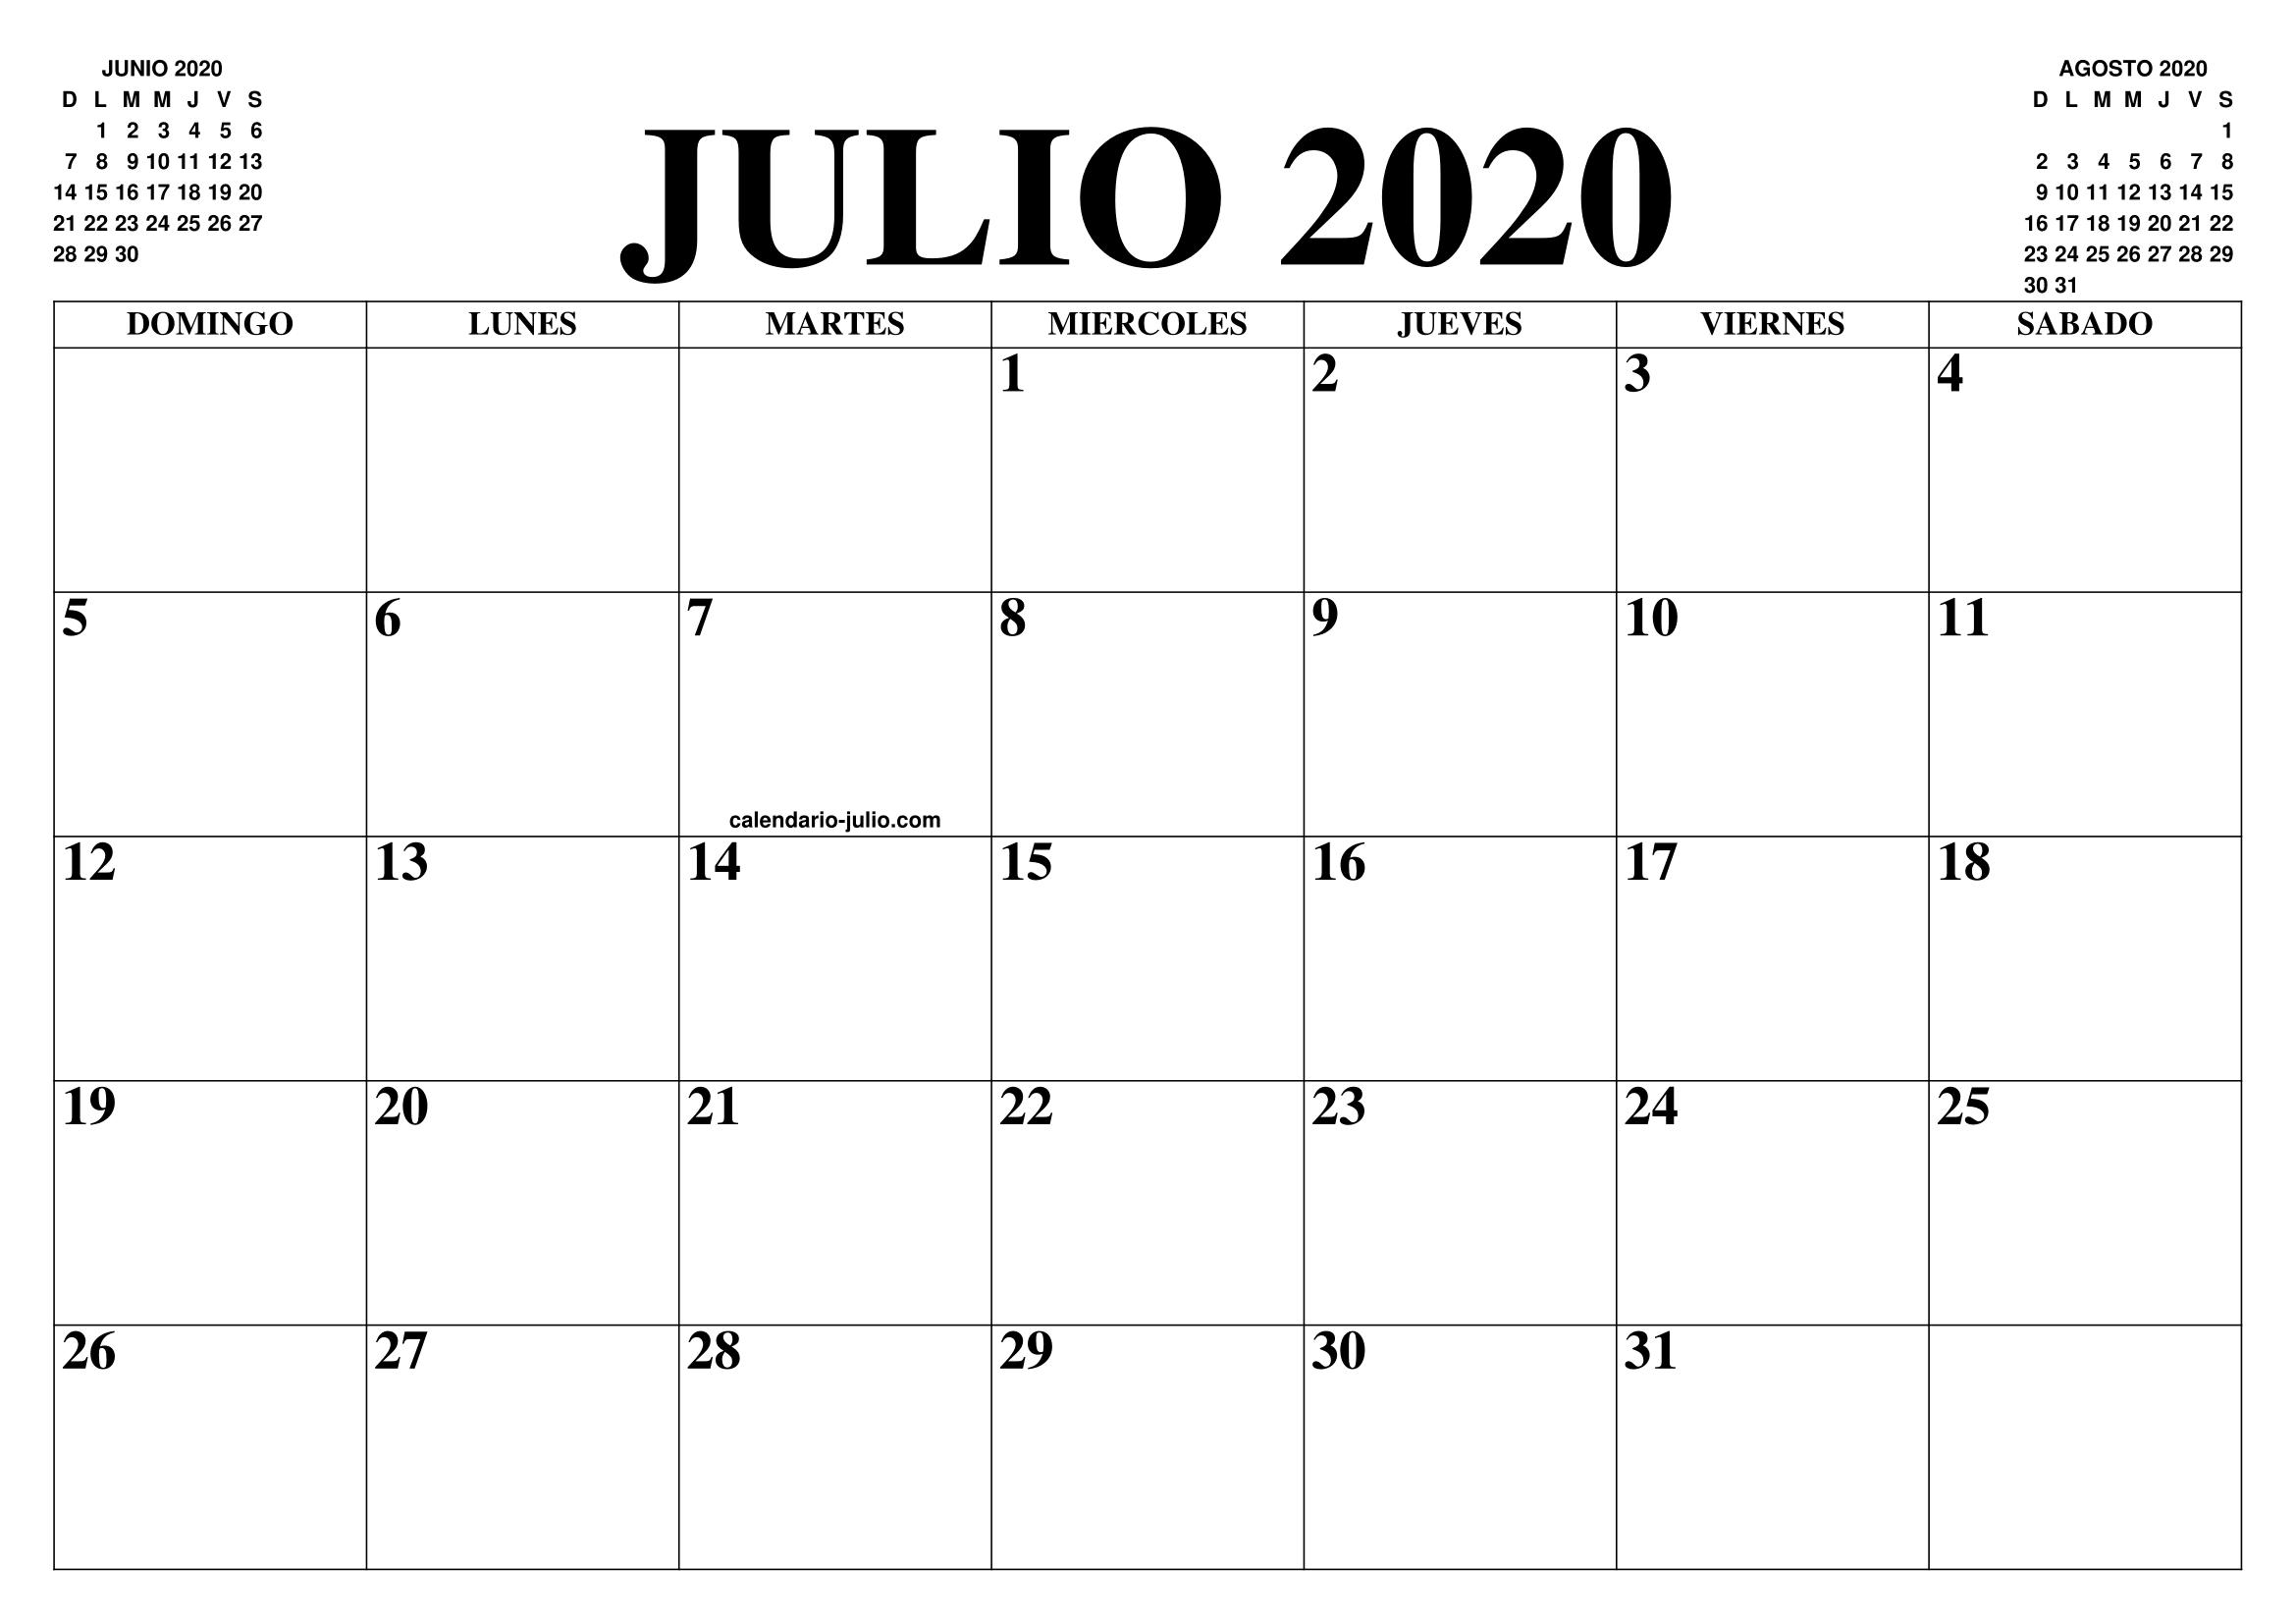 Calendario De Agosto 2020.Calendario Julio 2020 El Calendario Julio Para Imprimir Gratis